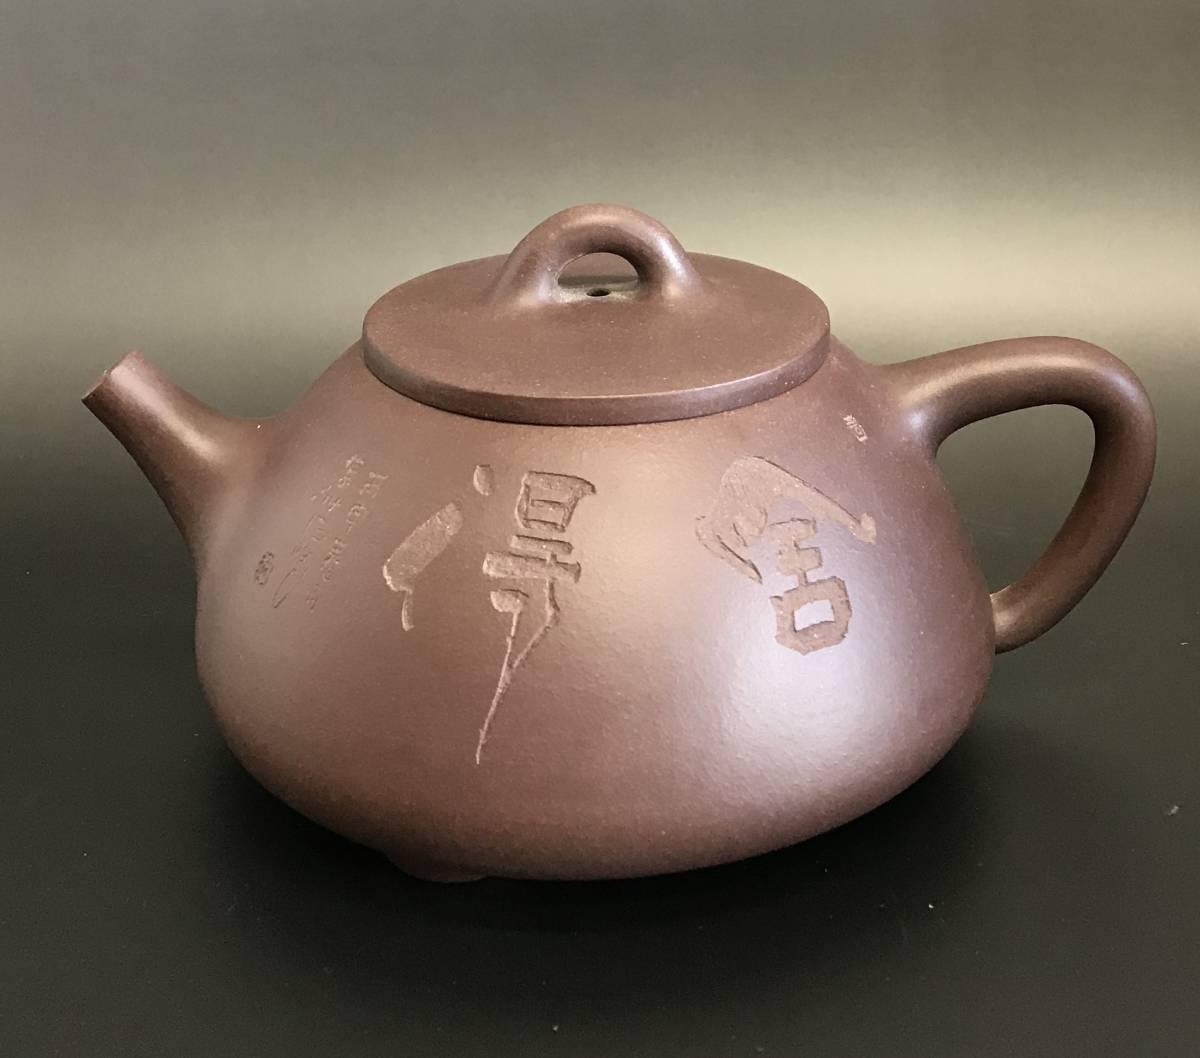 中国 紫砂壺大師 席 鎖富《大 石 瓢》 工藝美術師 急順 茶道具 未使用 逸品 箱付_画像7